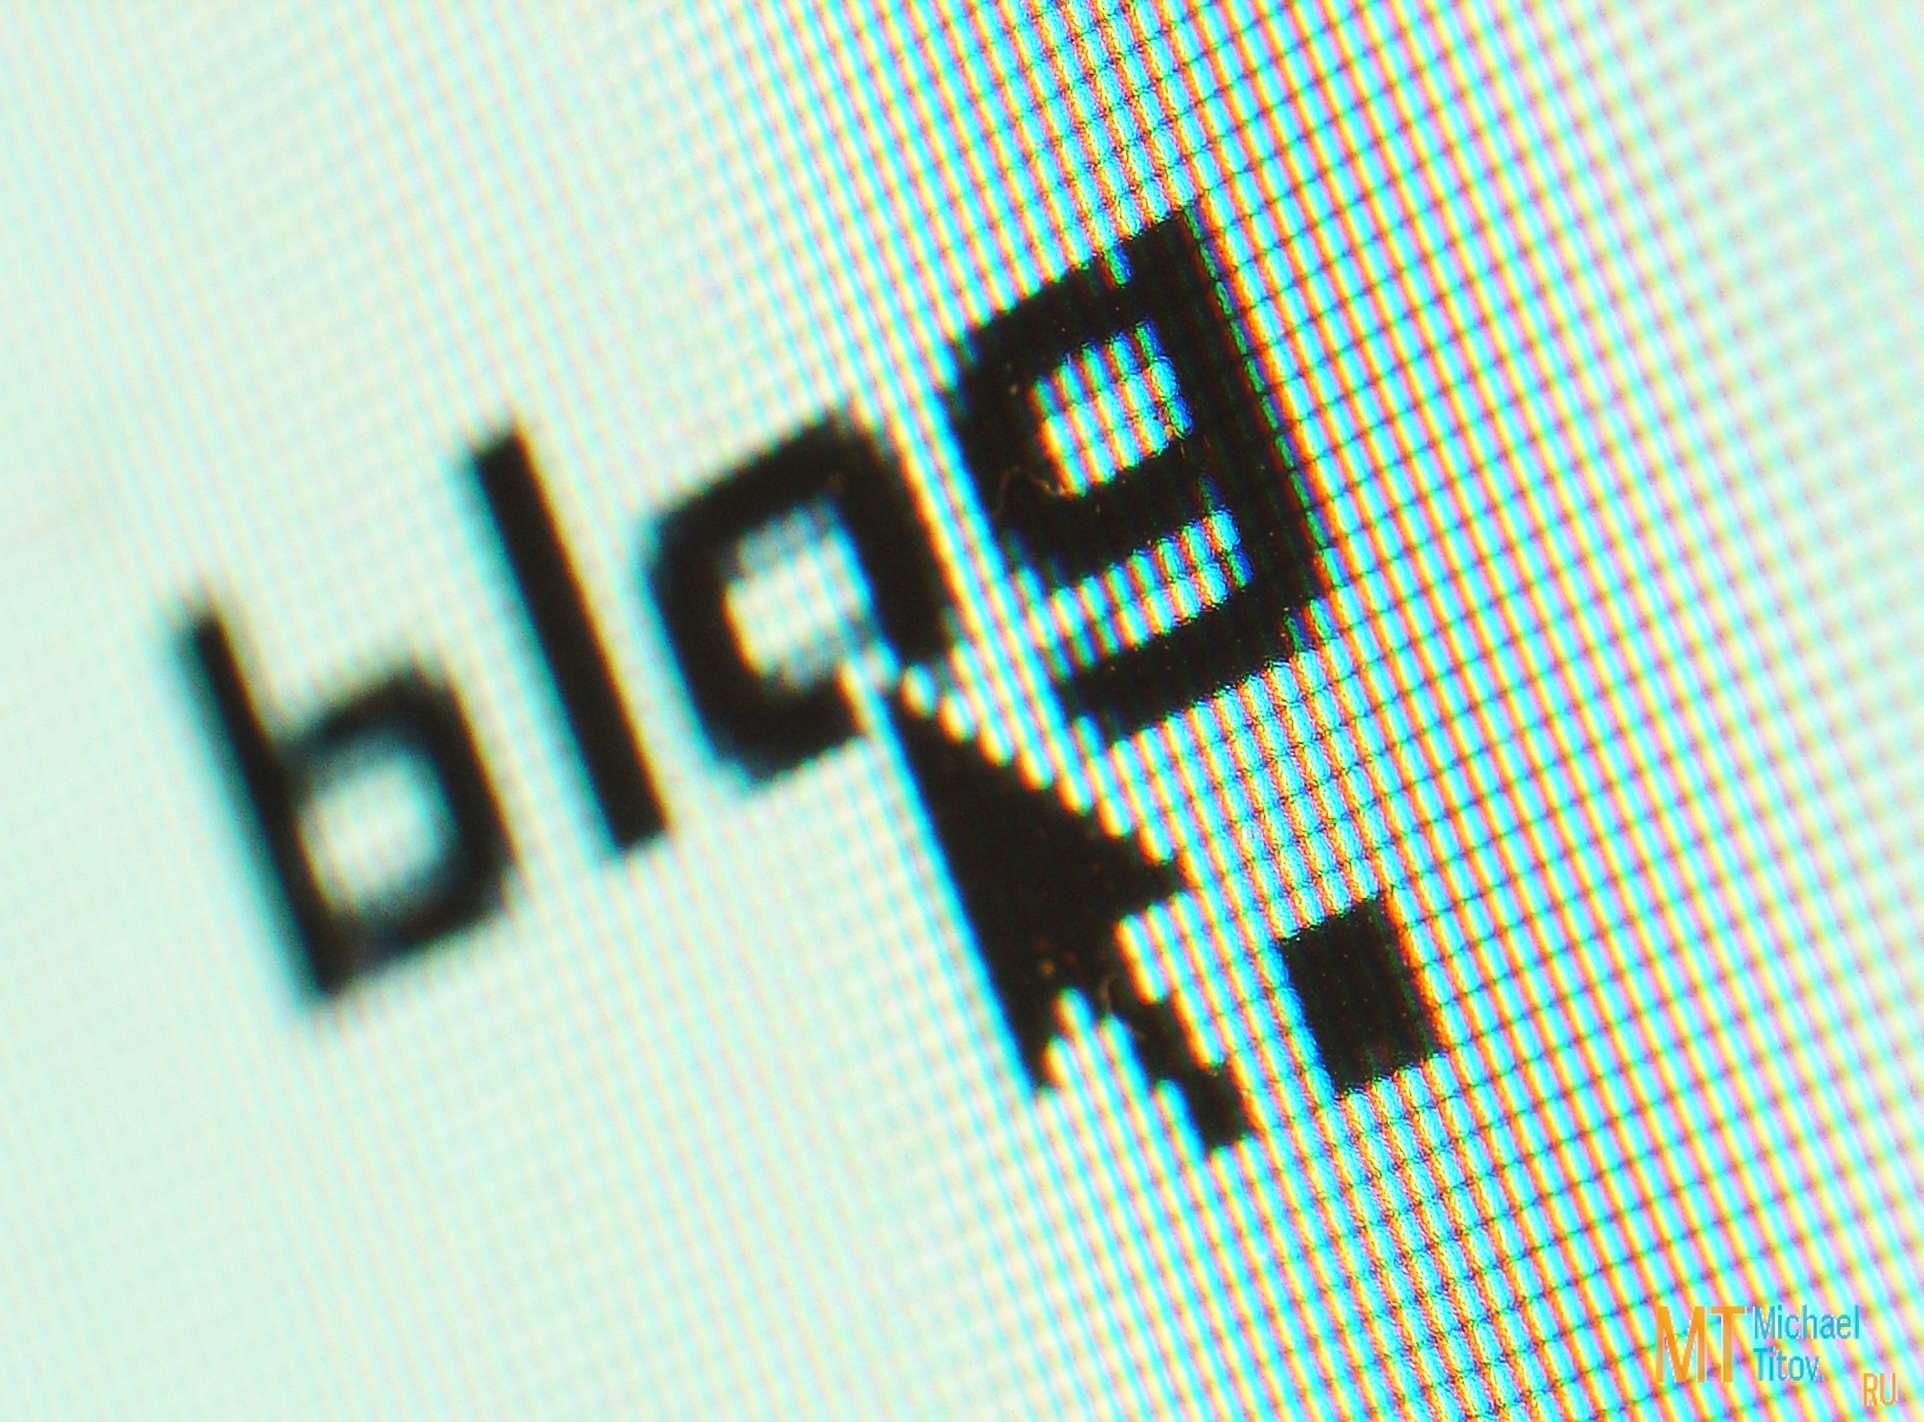 Блоги как бесплатный метод интернет-маркетинга